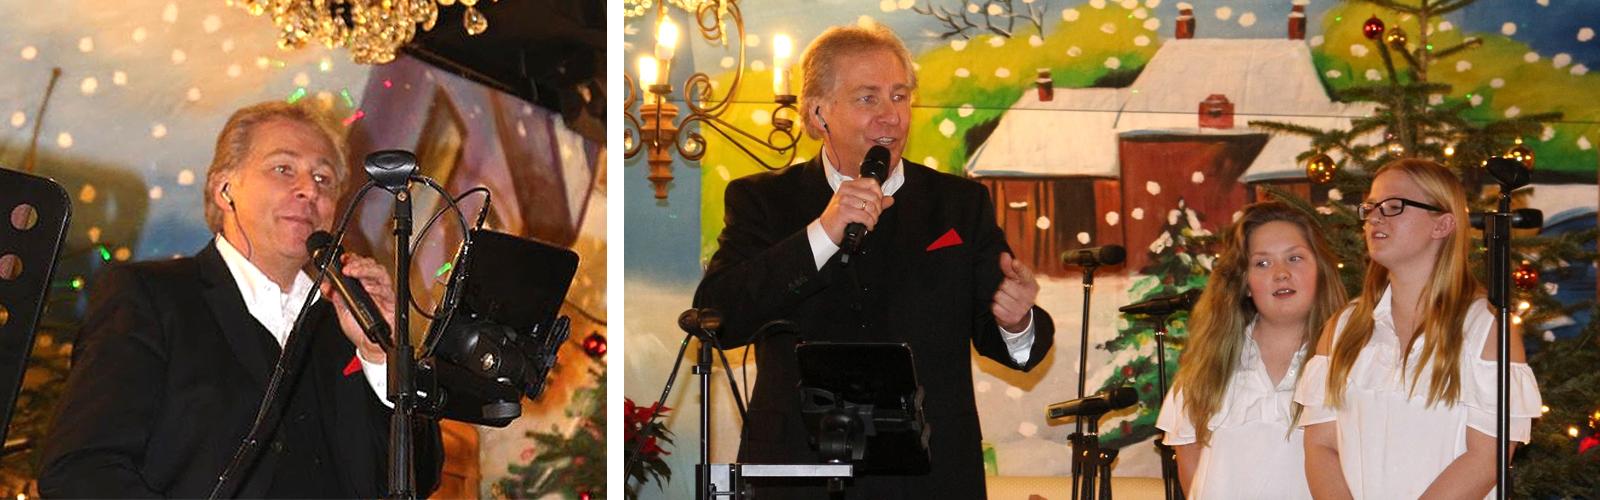 Peter Roland und zwei Sängerinnen des Chors Sweet Voices